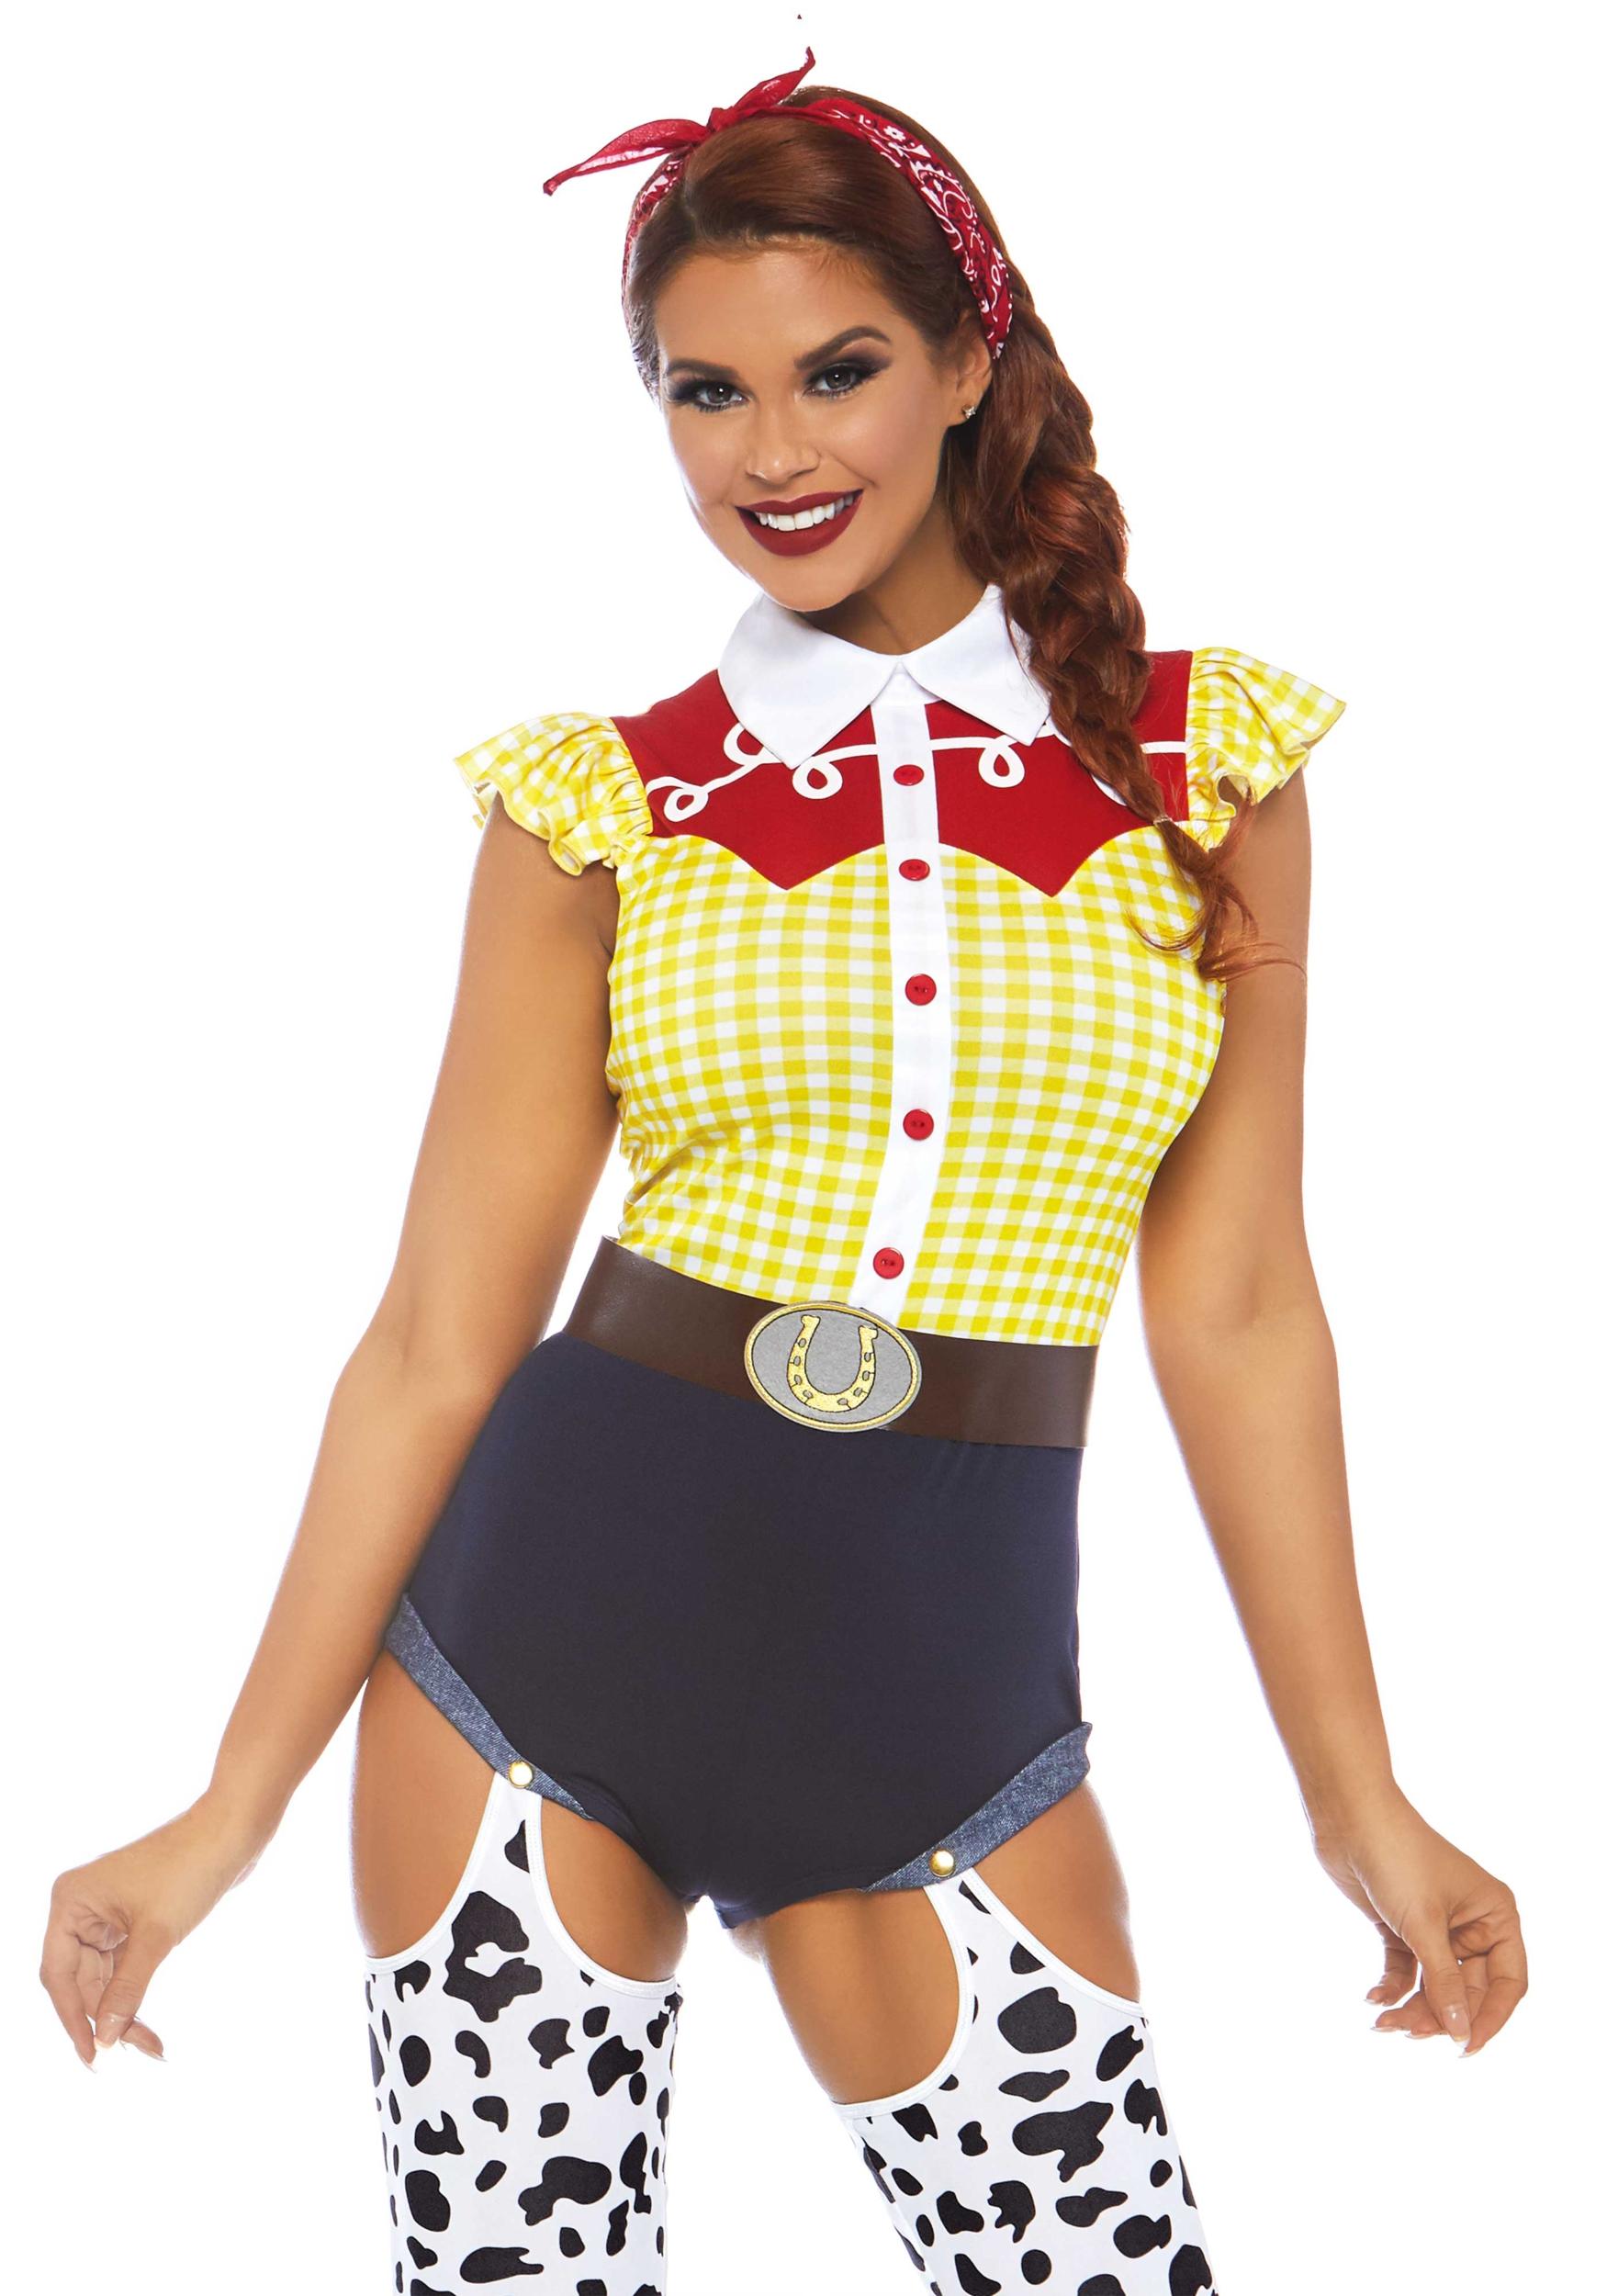 Giddy Up Cowgirl Leg Avenue